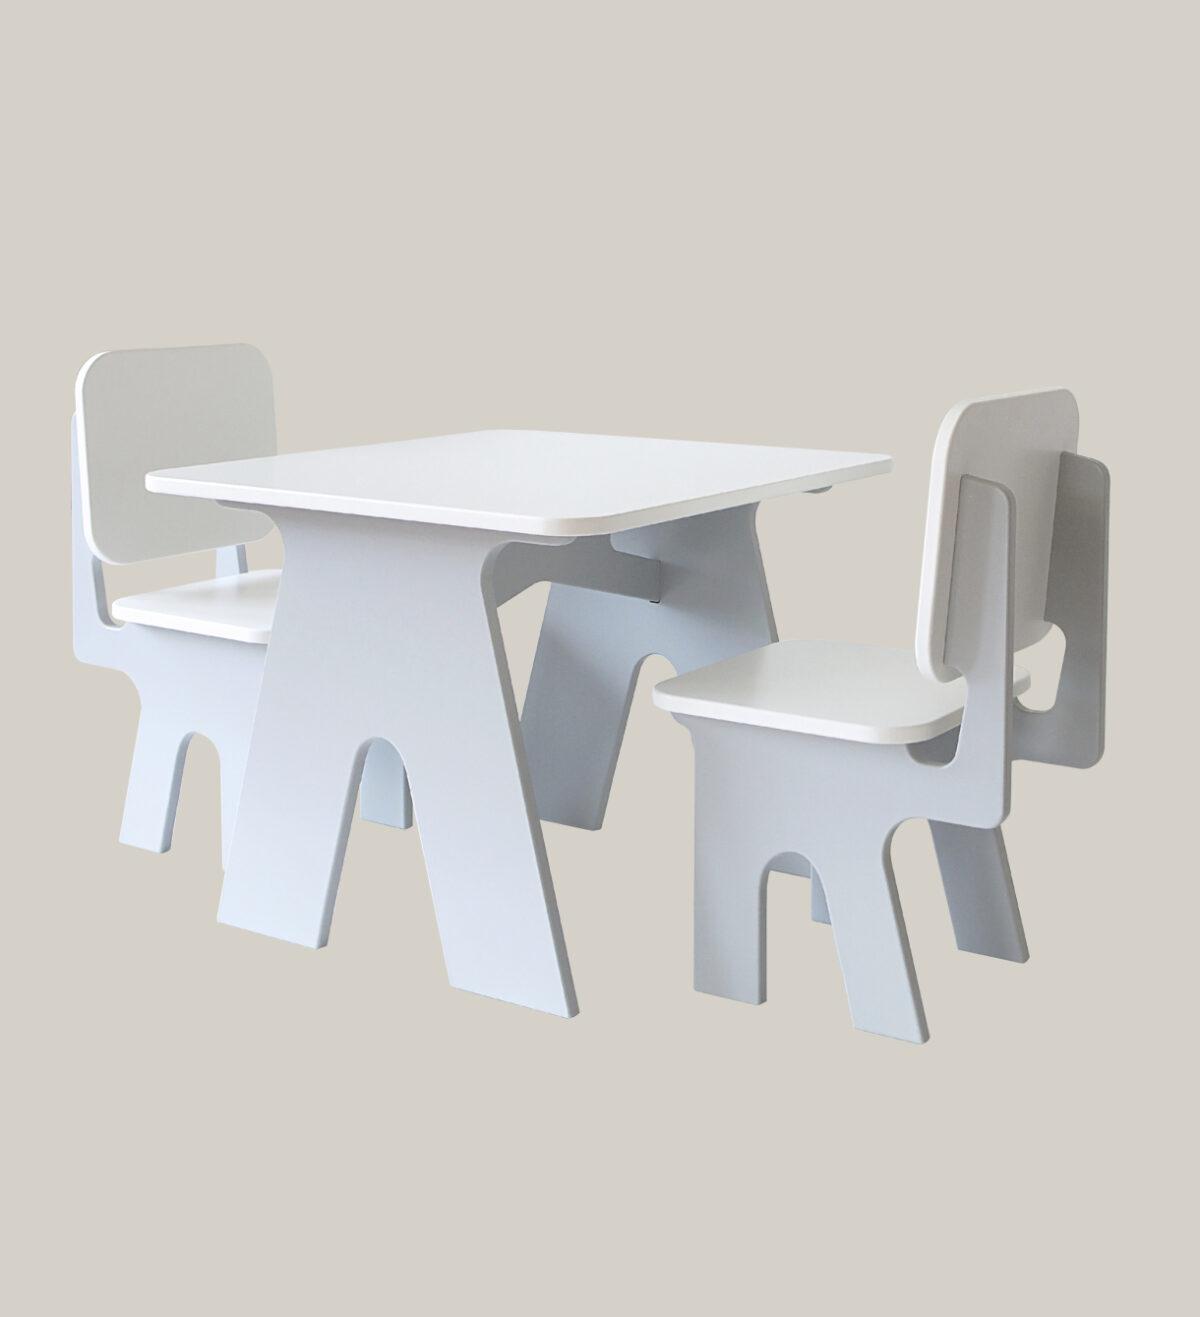 Tafeltje en stoeltjes set grijs dipperdee